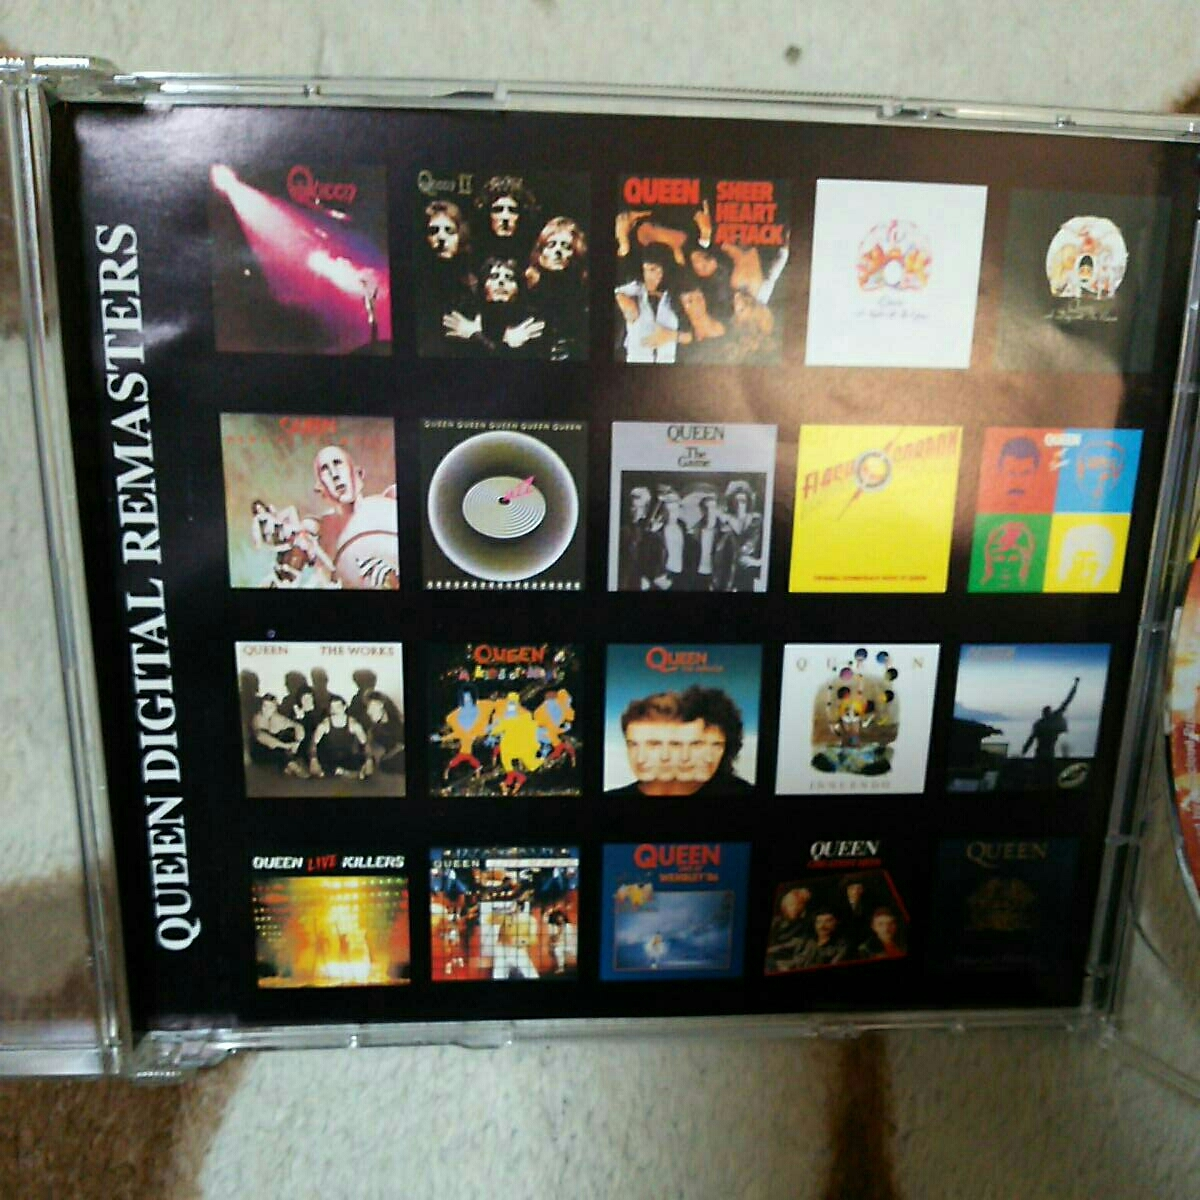 Queen/Live Killers クイーン/ライヴ・キラーズ 国内盤 2枚組 CD 帯付き リマスター_画像9